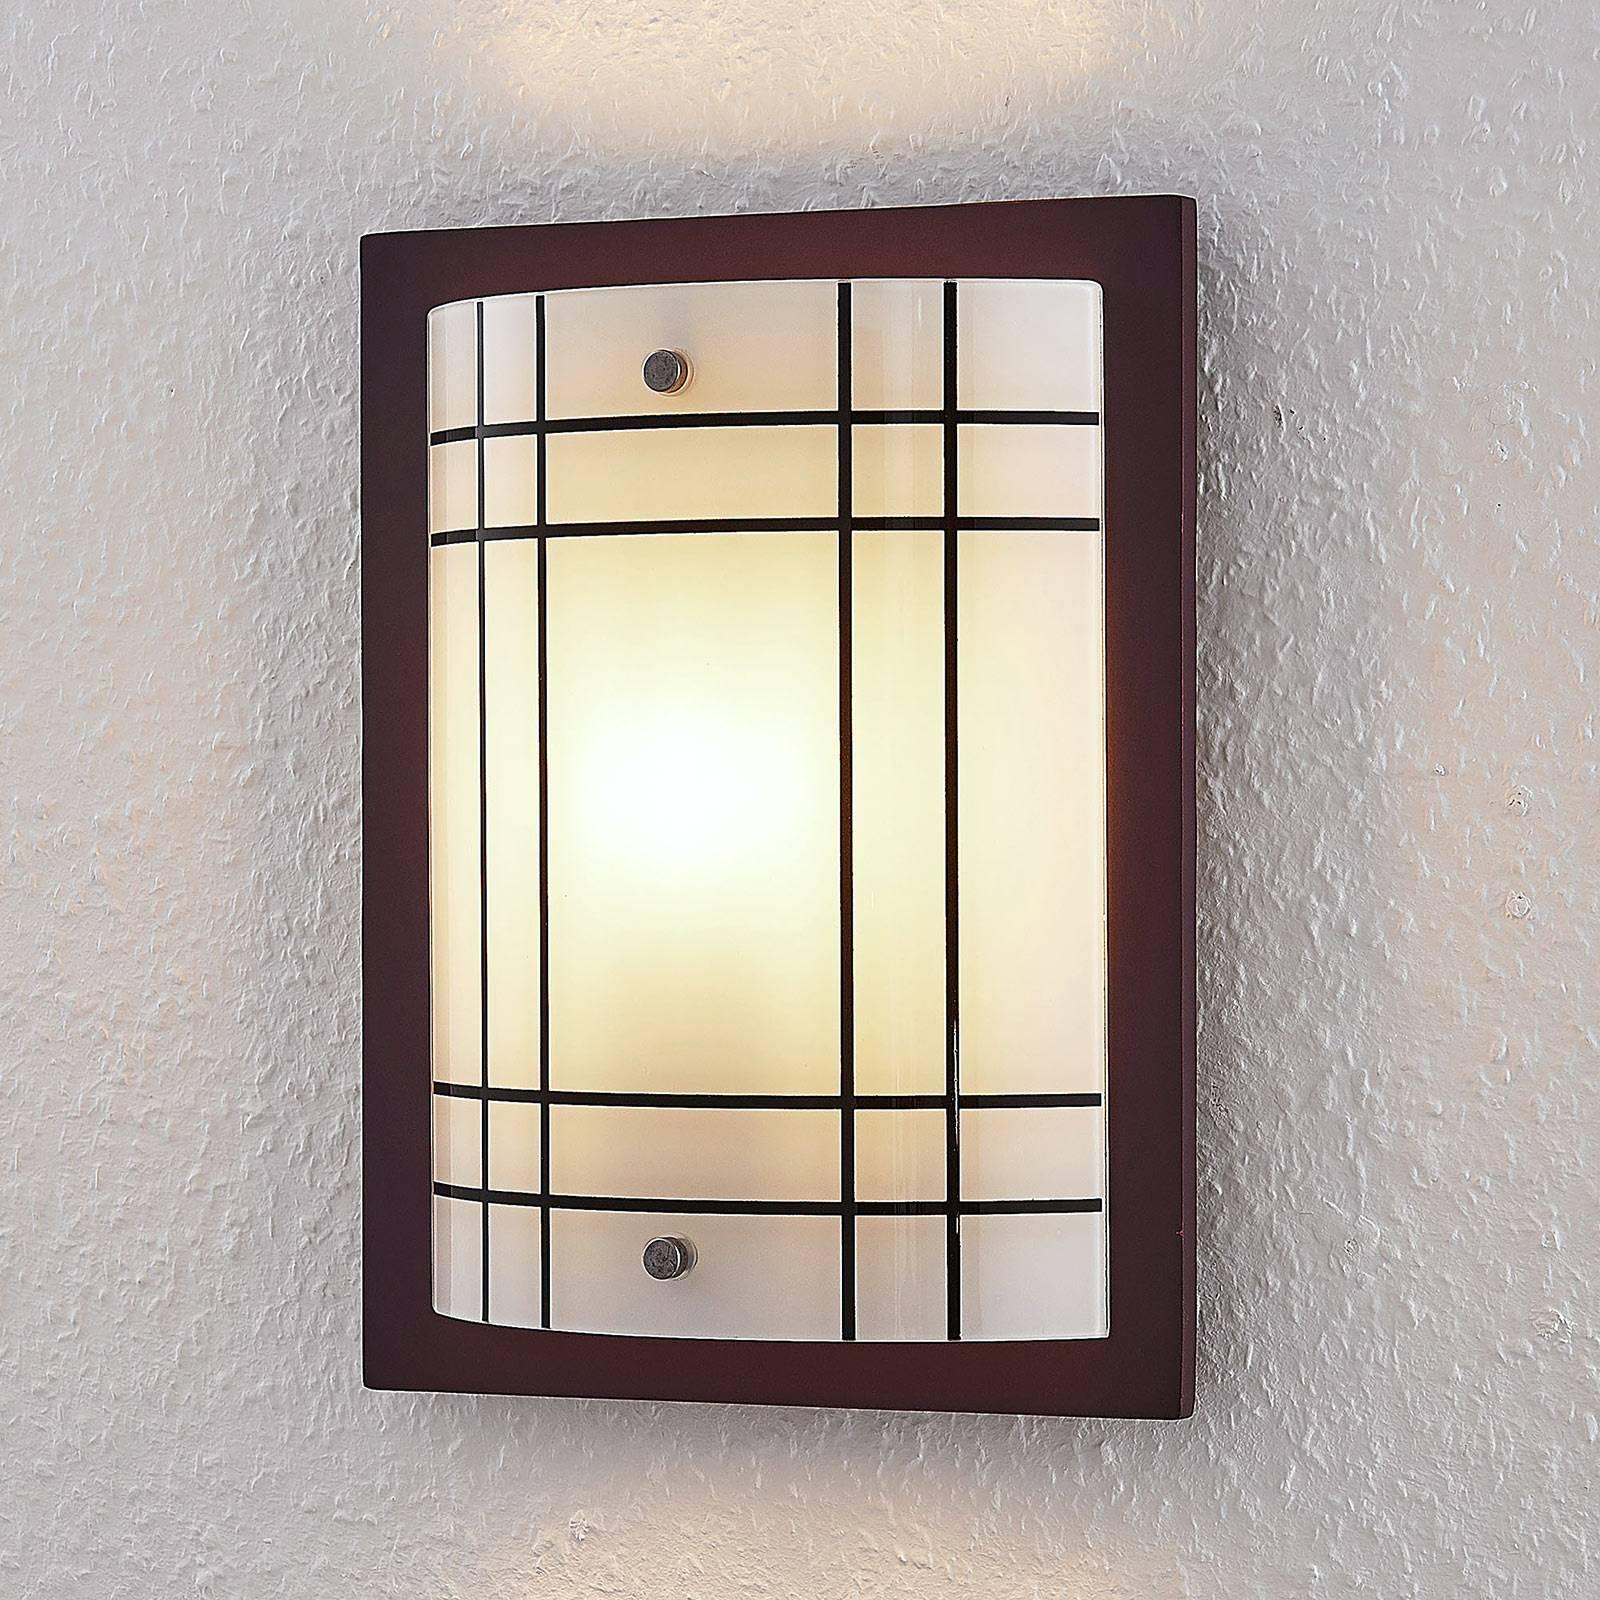 Puinen seinävalaisin Thees, jossa ruudullinen lasi